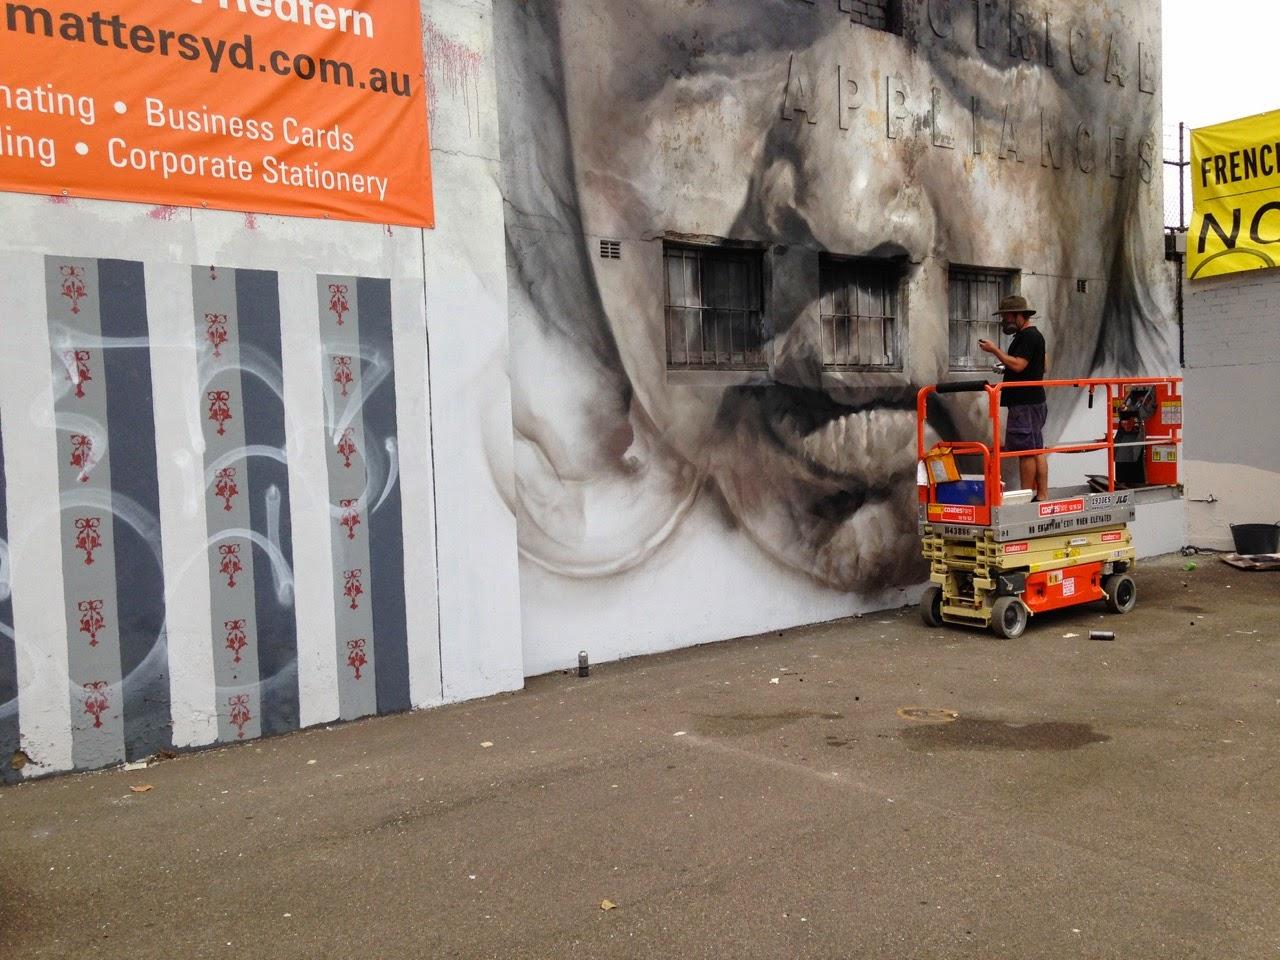 Guido Van Helten unveils a new portrait in Redfern, Australia (1)